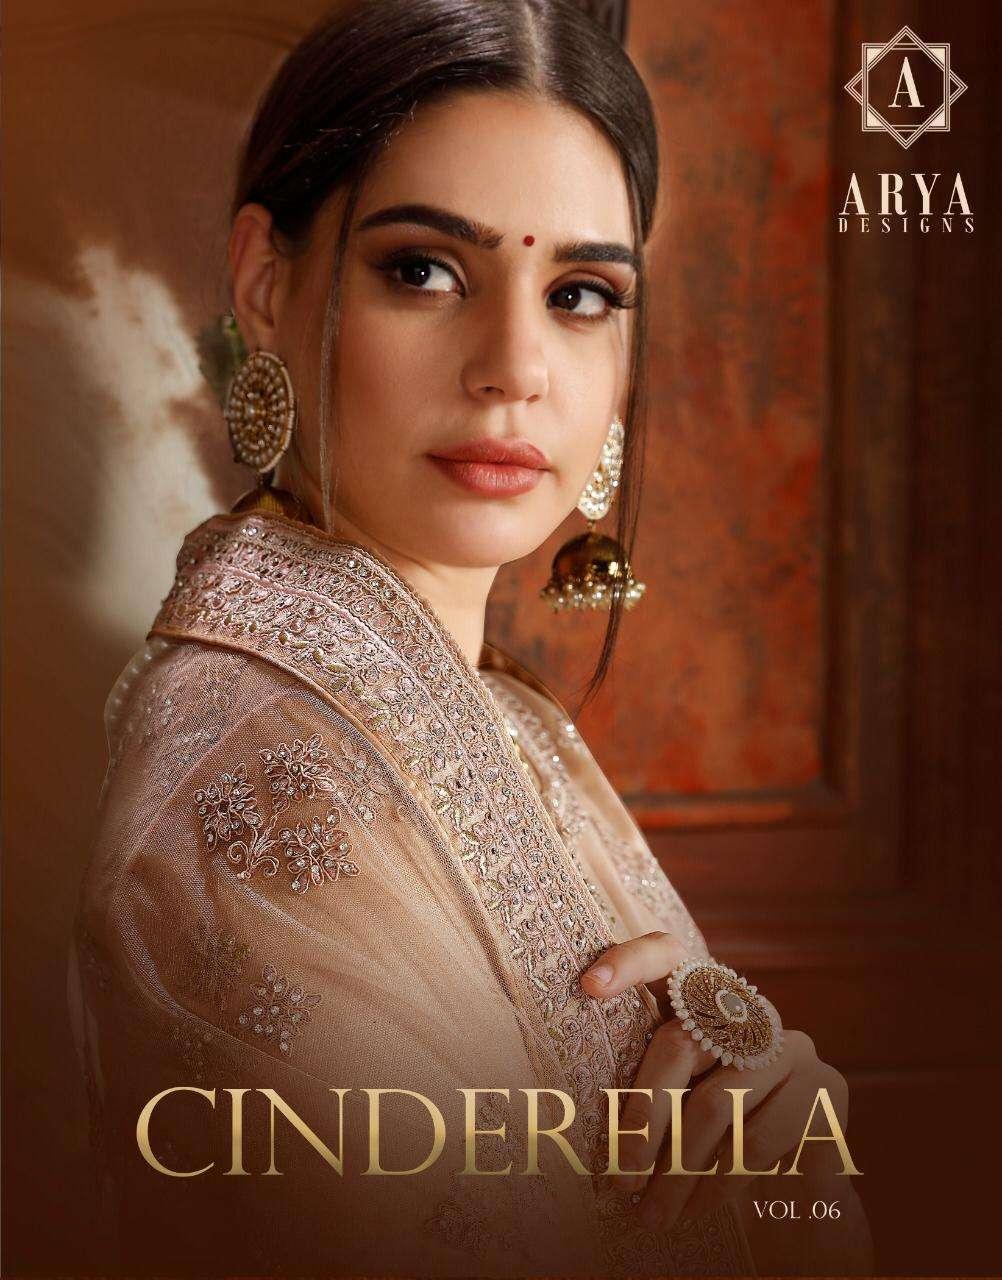 Cinderella Vol 6 By Arya Net Wedding Fancy Bridal Lehenga